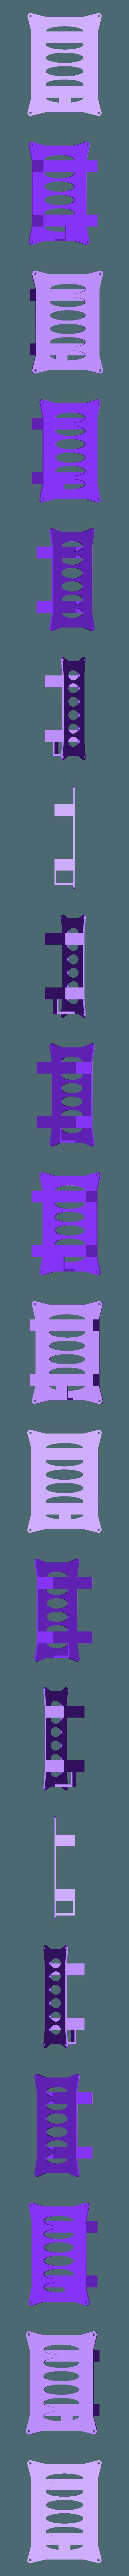 BackupDriveMount.stl Télécharger fichier STL gratuit Seagate Backup Plus Mount • Design à imprimer en 3D, Hobb3s